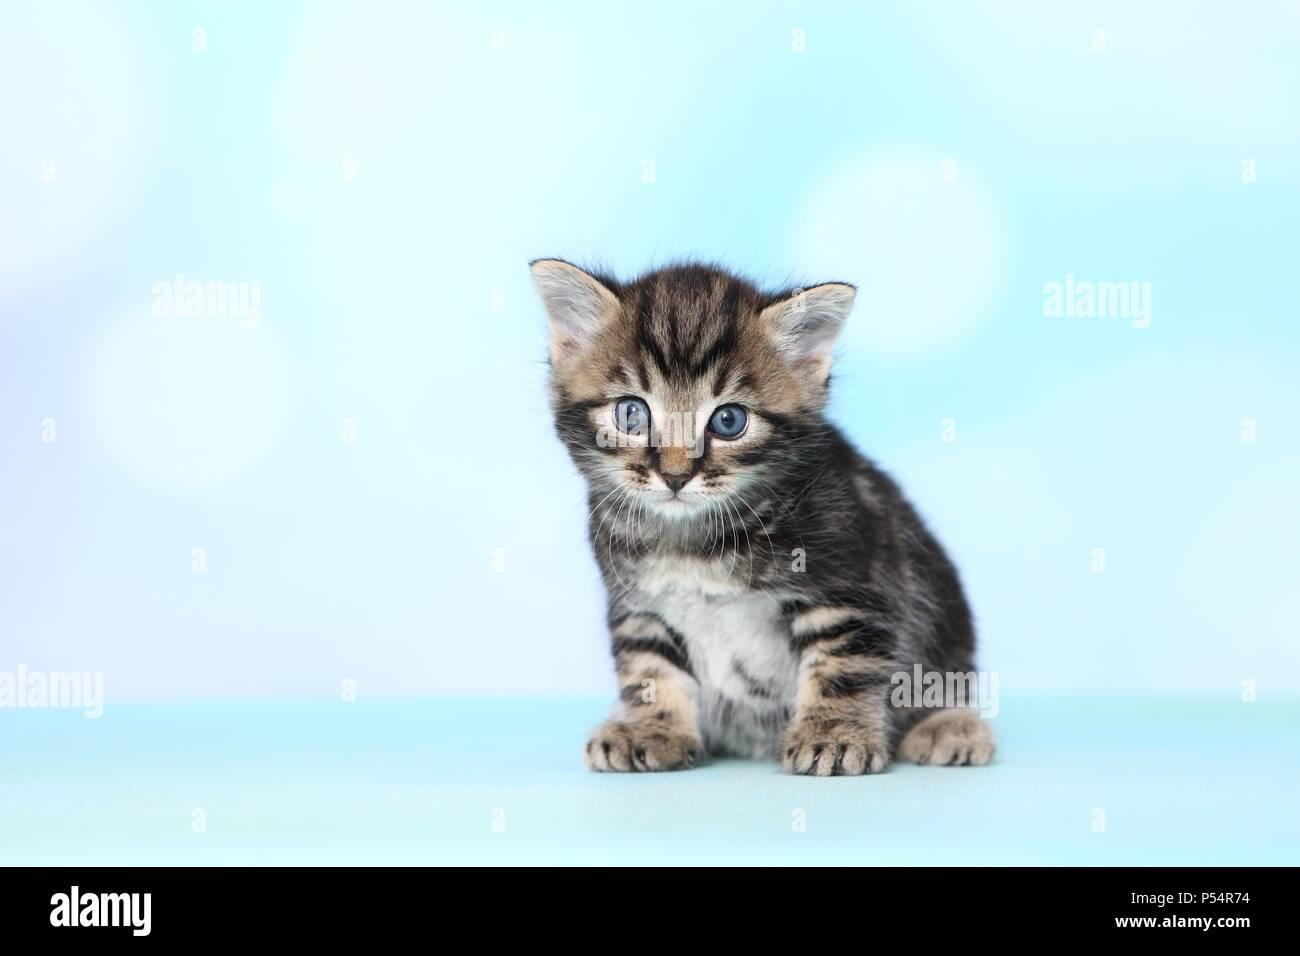 Europaisch Kurzhaar Kitten Stockfotografie Alamy